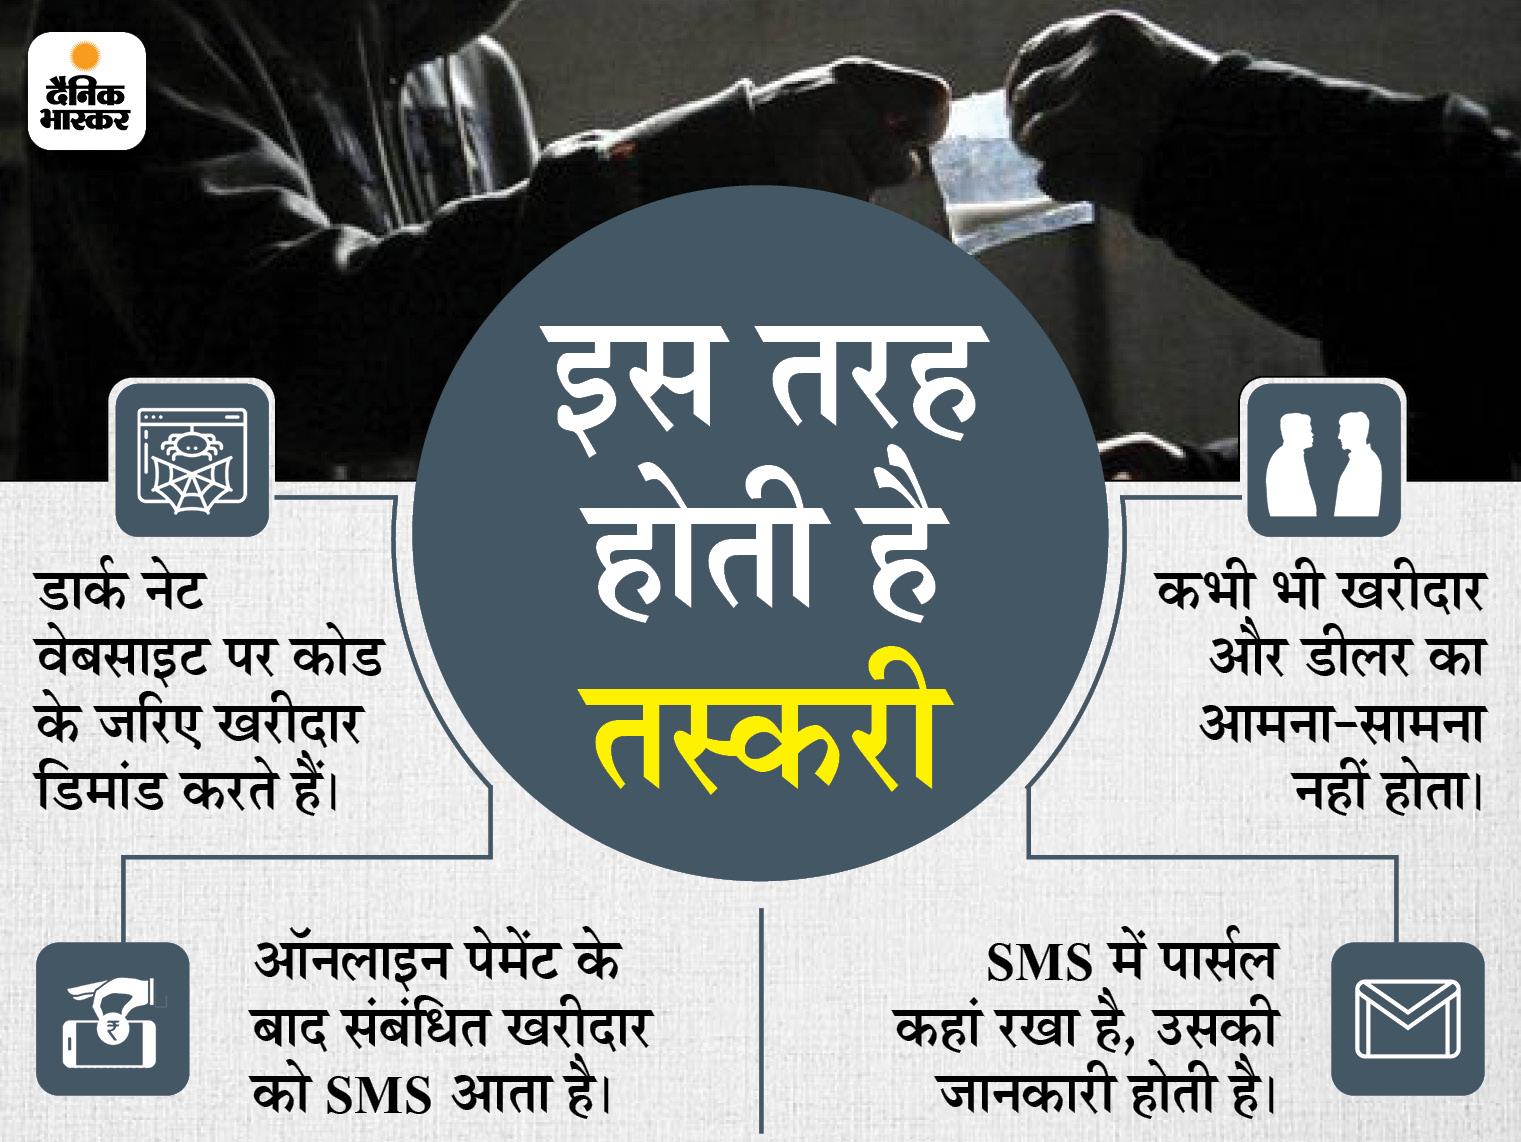 भोपाल में लगातार कार्रवाई के कारण मुंबई से ला रहे पार्सल; स्कूल कॉलेज के लड़के-लड़कियों में डिमांड बढ़ी, अंतरराष्ट्रीय डार्क नेट से सप्लाई भोपाल,Bhopal - Dainik Bhaskar